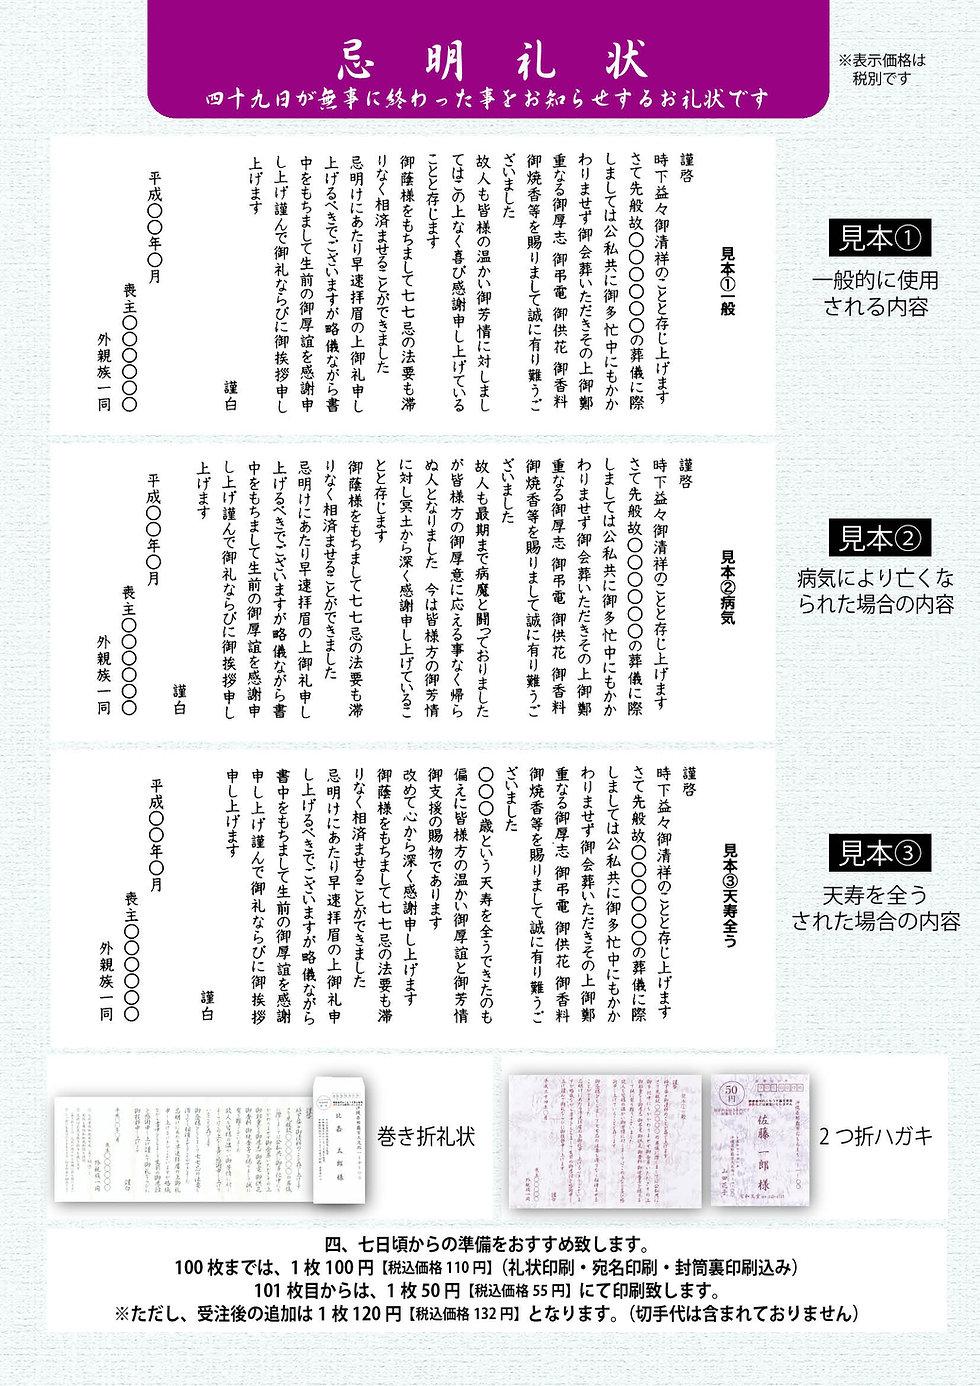 6:5 消費税改訂後_忌明礼状.jpg